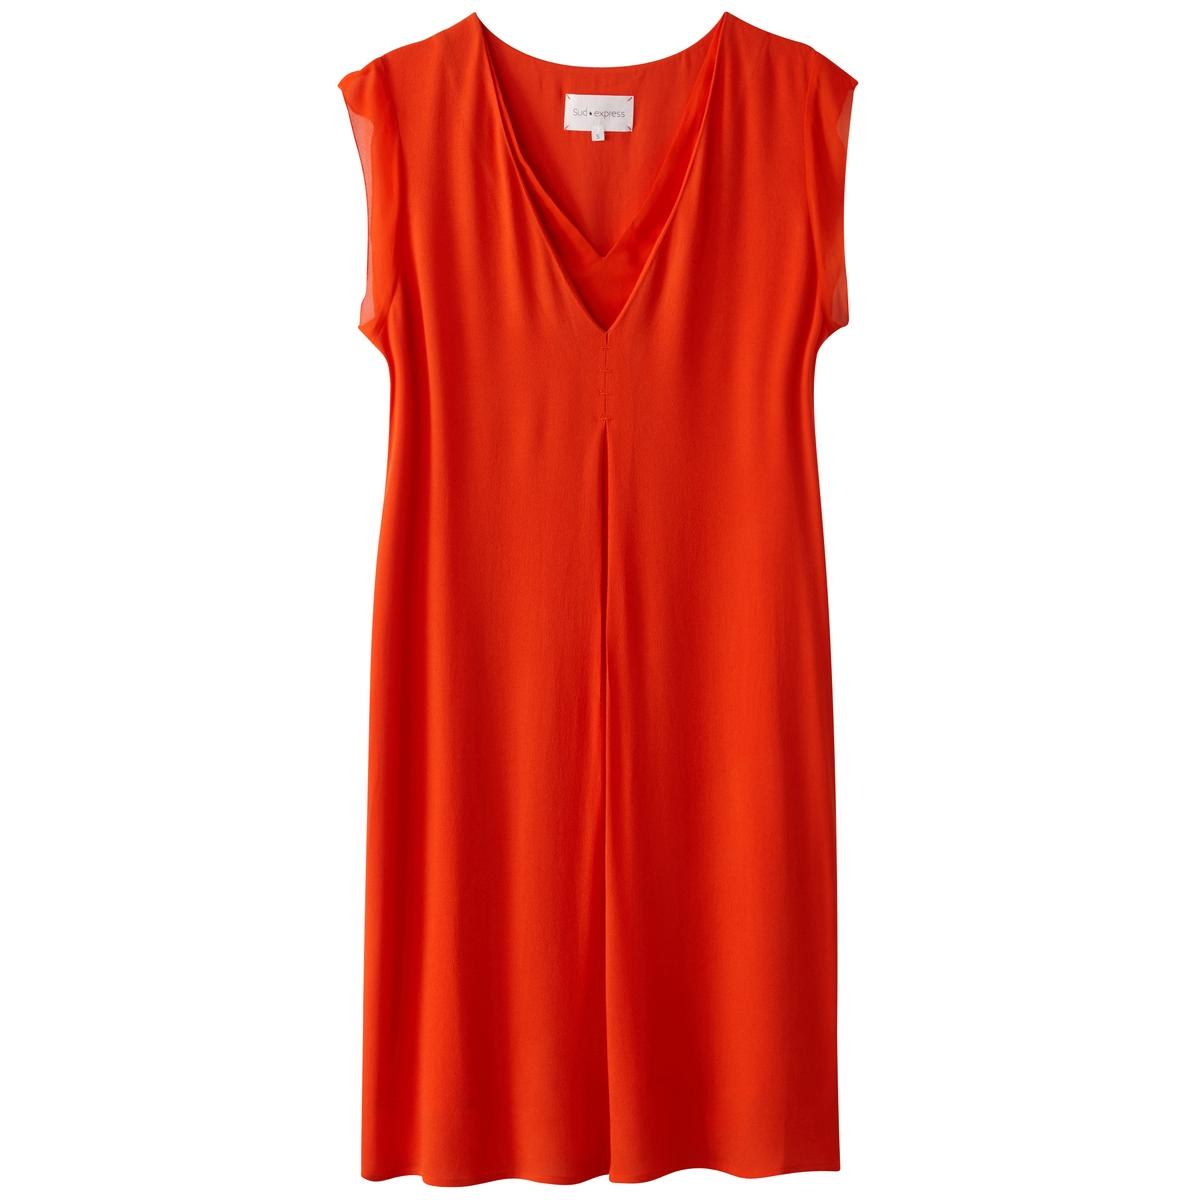 Платье прямое с короткими рукавами с воланамиМатериал : 100% вискоза   Длина рукава : короткие рукава   Форма воротника : V-образный вырез  Покрой платья : платье прямого покроя     Рисунок : однотонная модель   Особенность платья : волан  Длина платья : до колен<br><br>Цвет: коралловый,темно-синий<br>Размер: XS.S